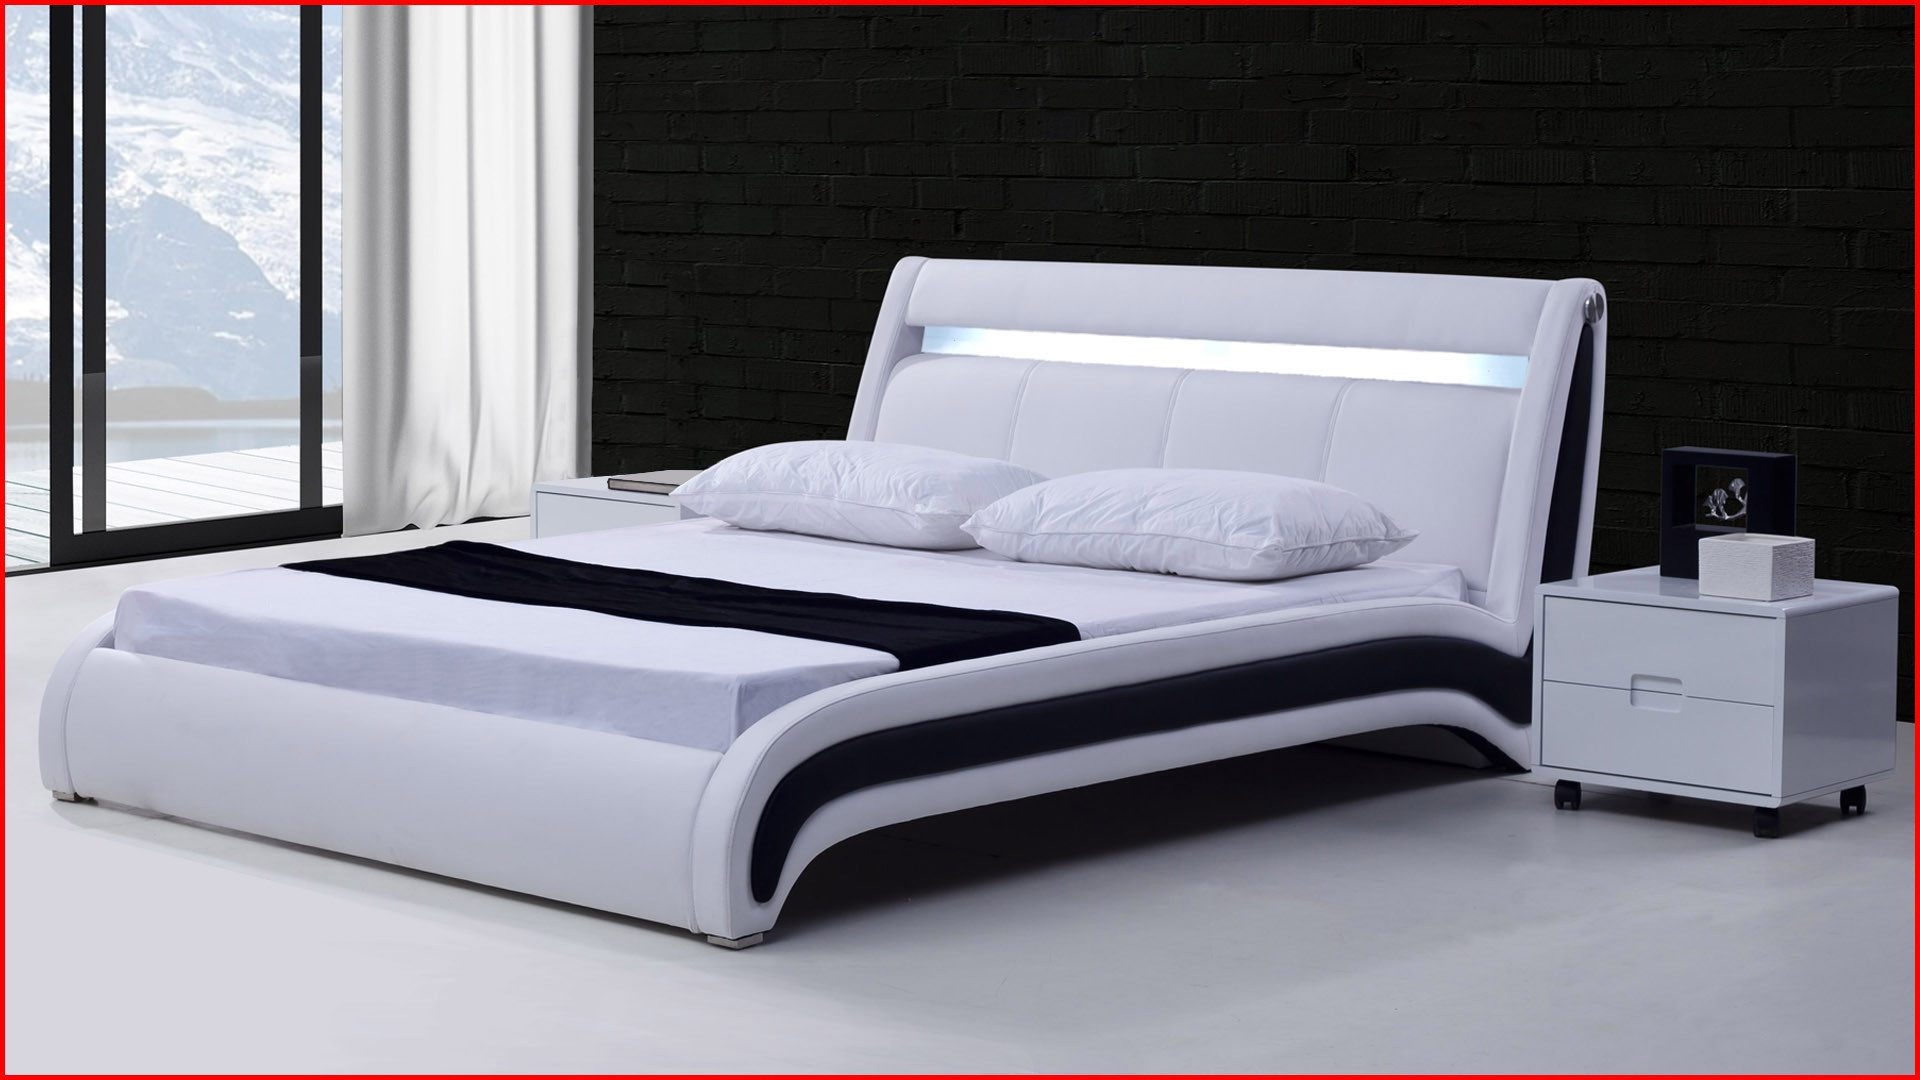 Lit Coffre 180×200 Ikea Élégant Lit 80 190 Matras 190 X 140 Inspirerende Bett 80—200 Ikea Schön Groß